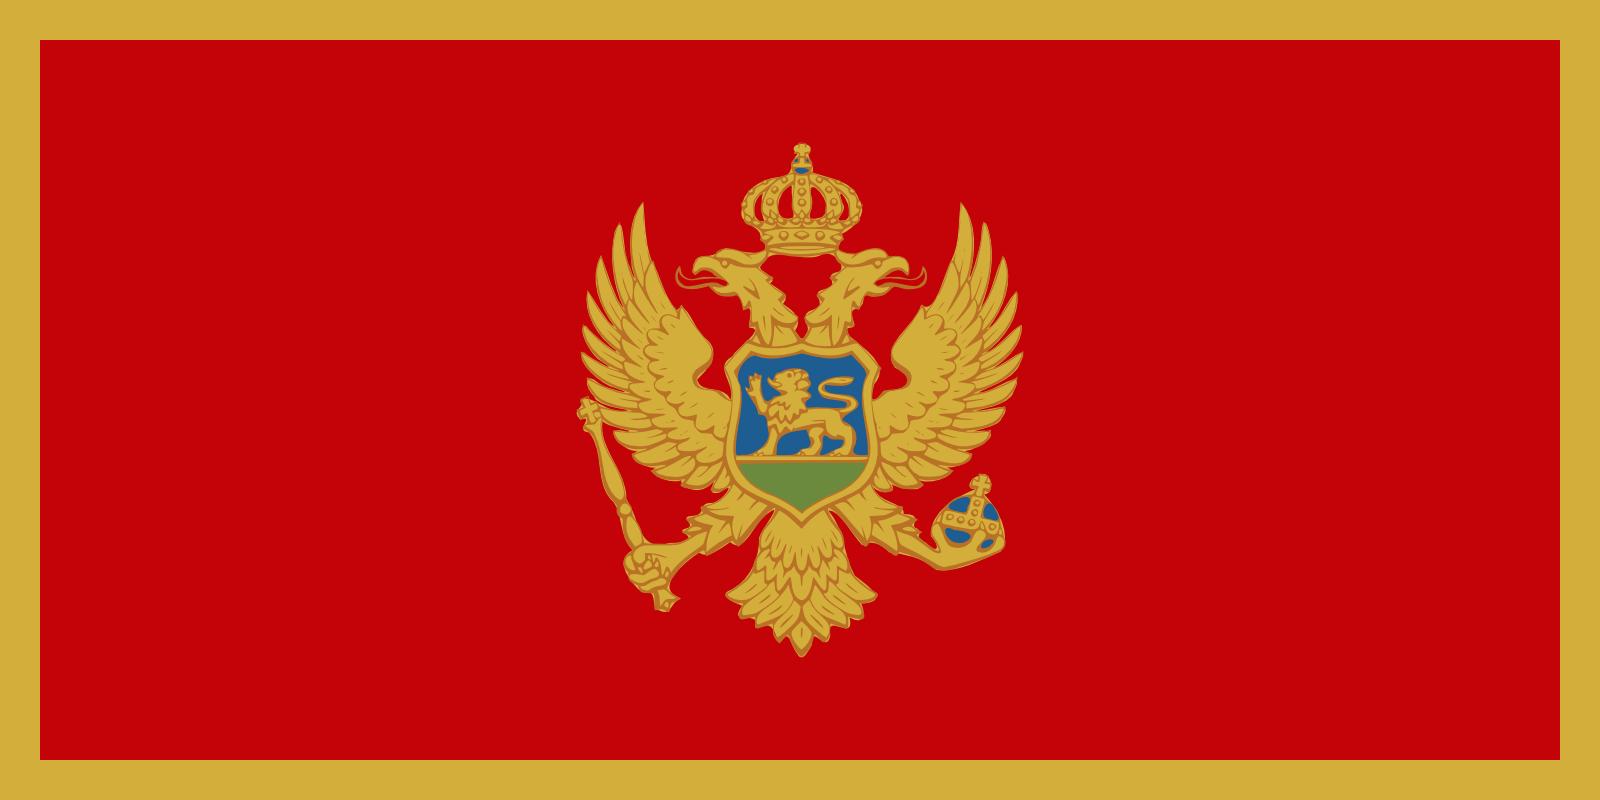 Протокол овступлении Черногории вНАТО ратифицировали 24 страны альянса